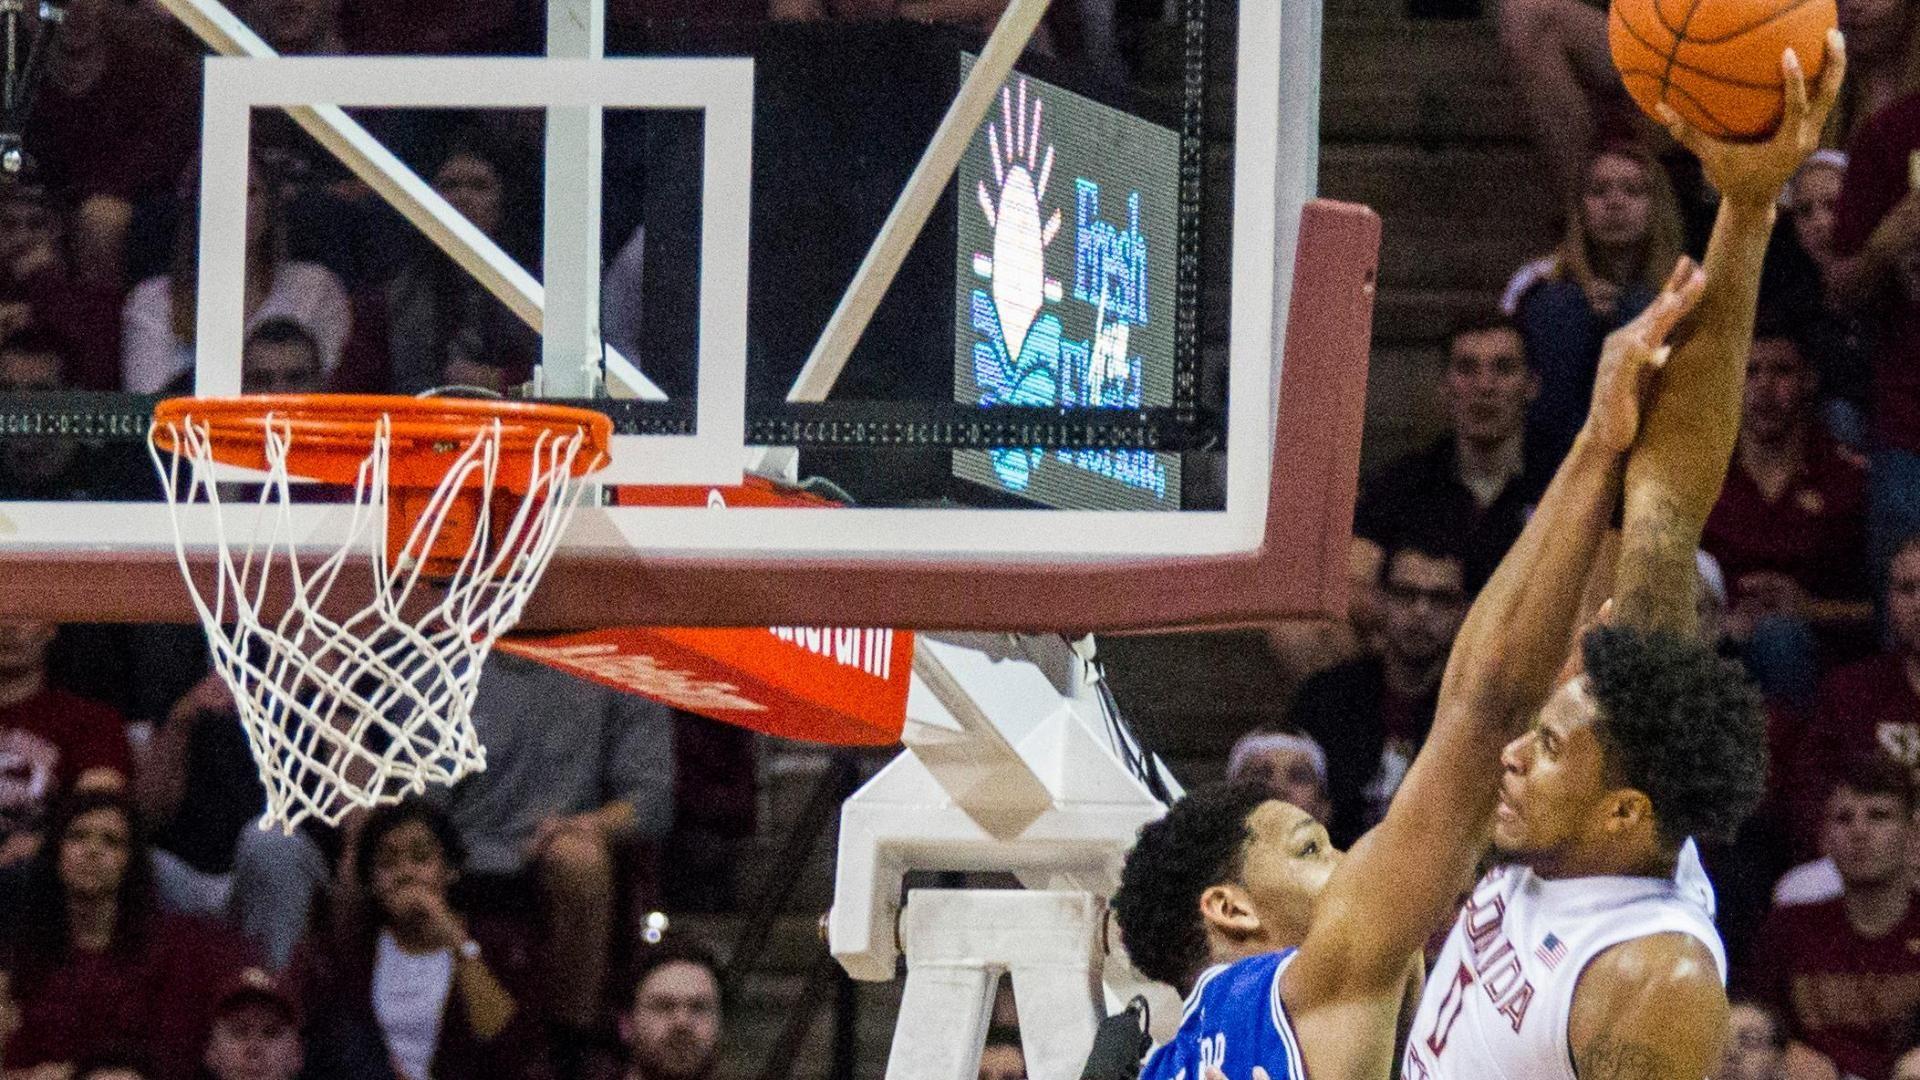 fsu mens basketball - HD2171×1736